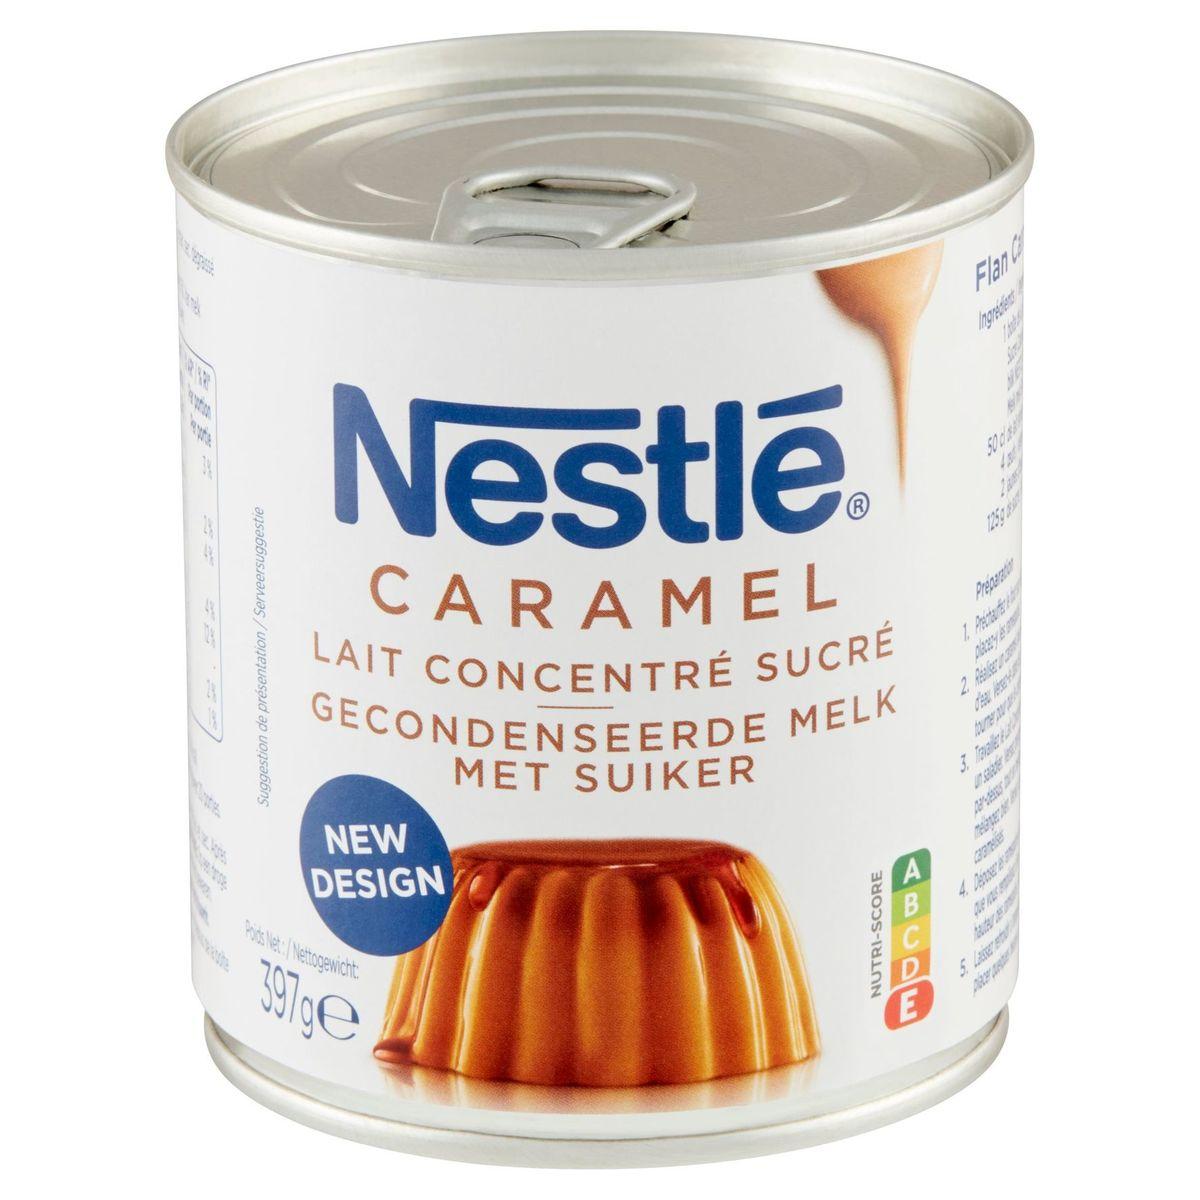 Nestlé Lait Concentré Sucré Caramel 397 g